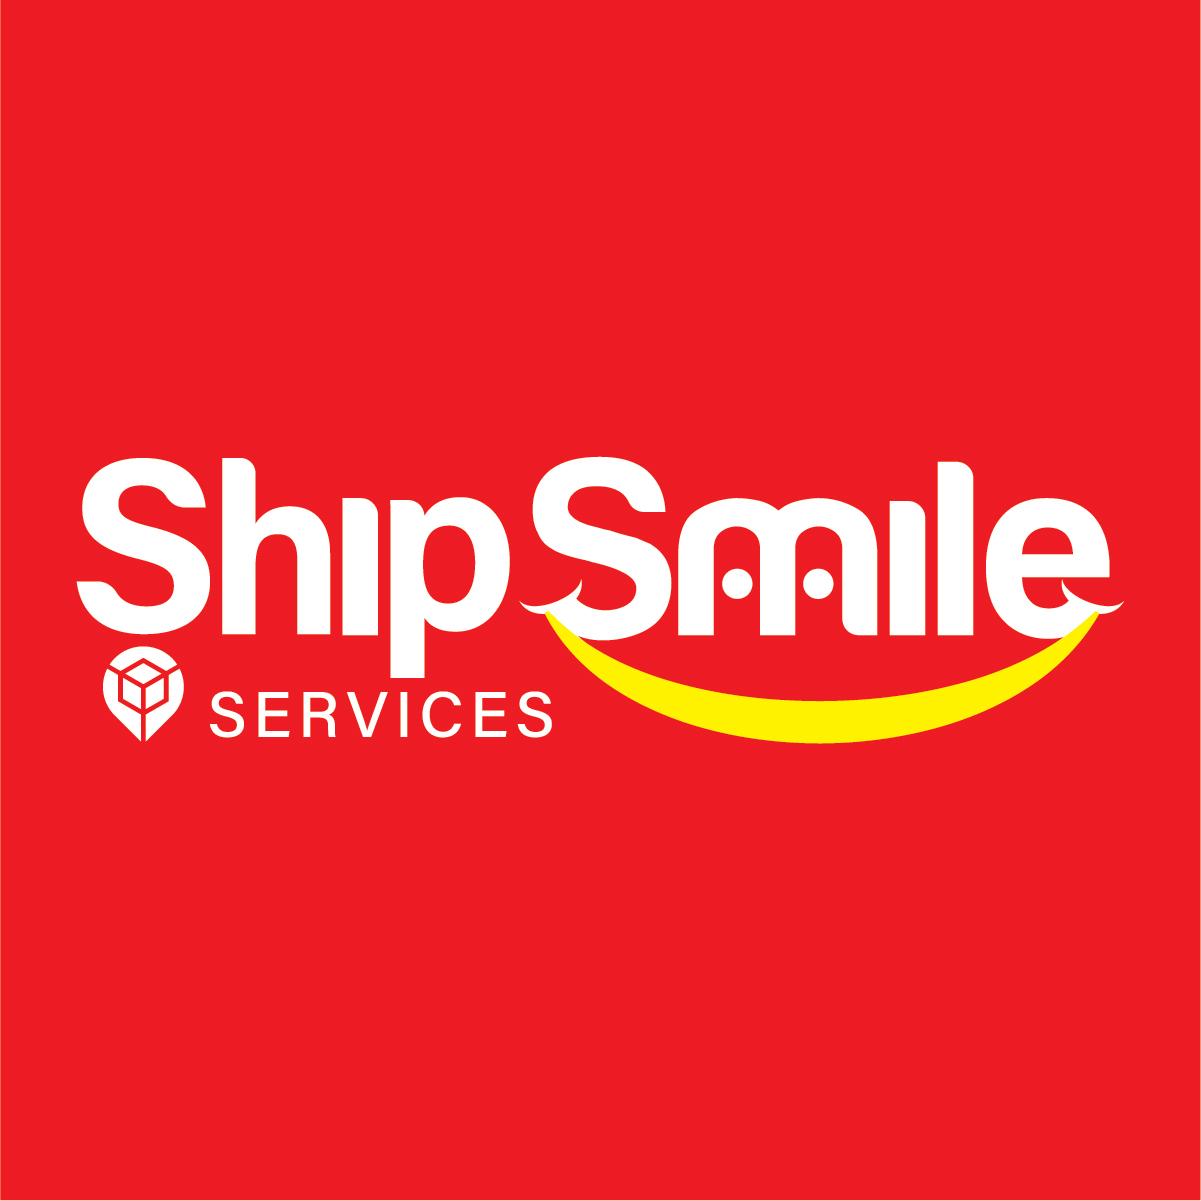 ShipSmile Services ( ชิปป์สไมล์ เซอร์วิส )